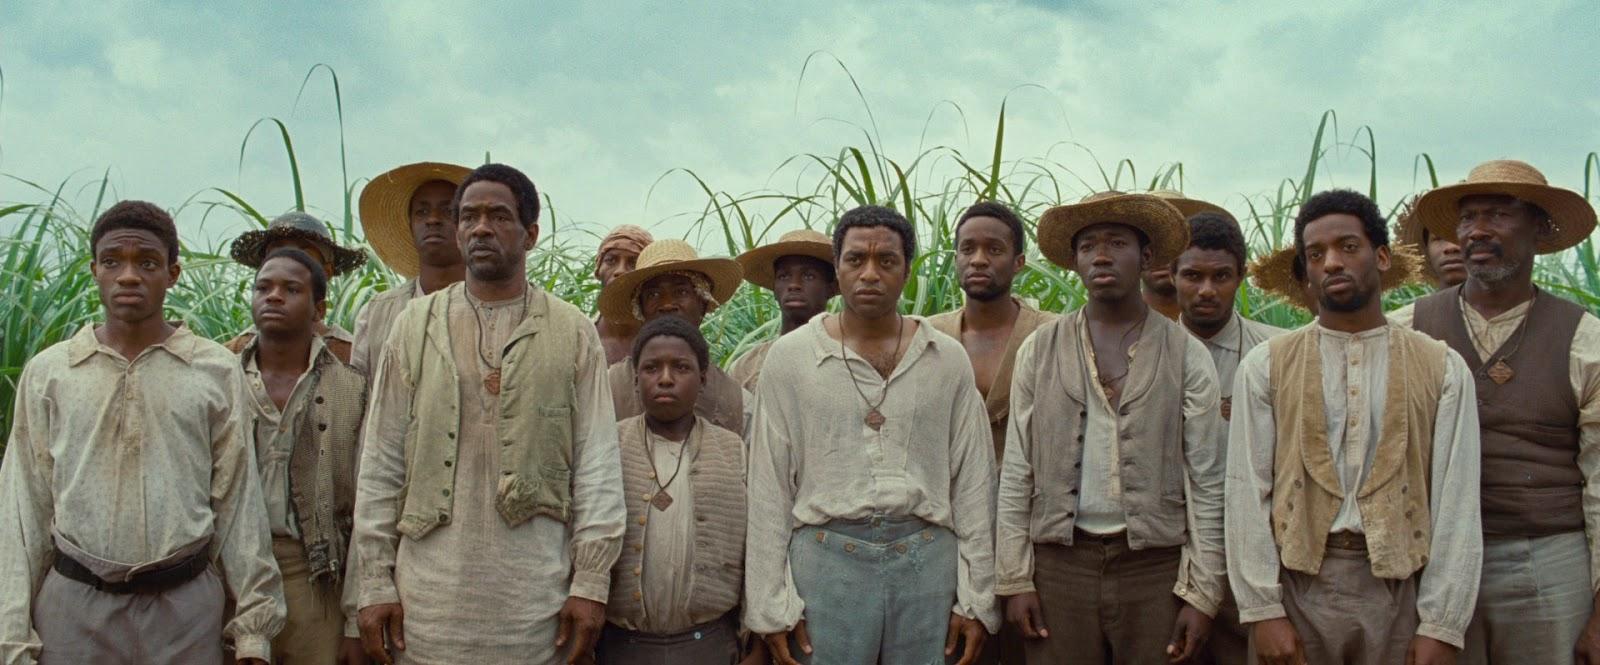 '12 Anos de Escravidão' - Abordagens e aprendizados no filme